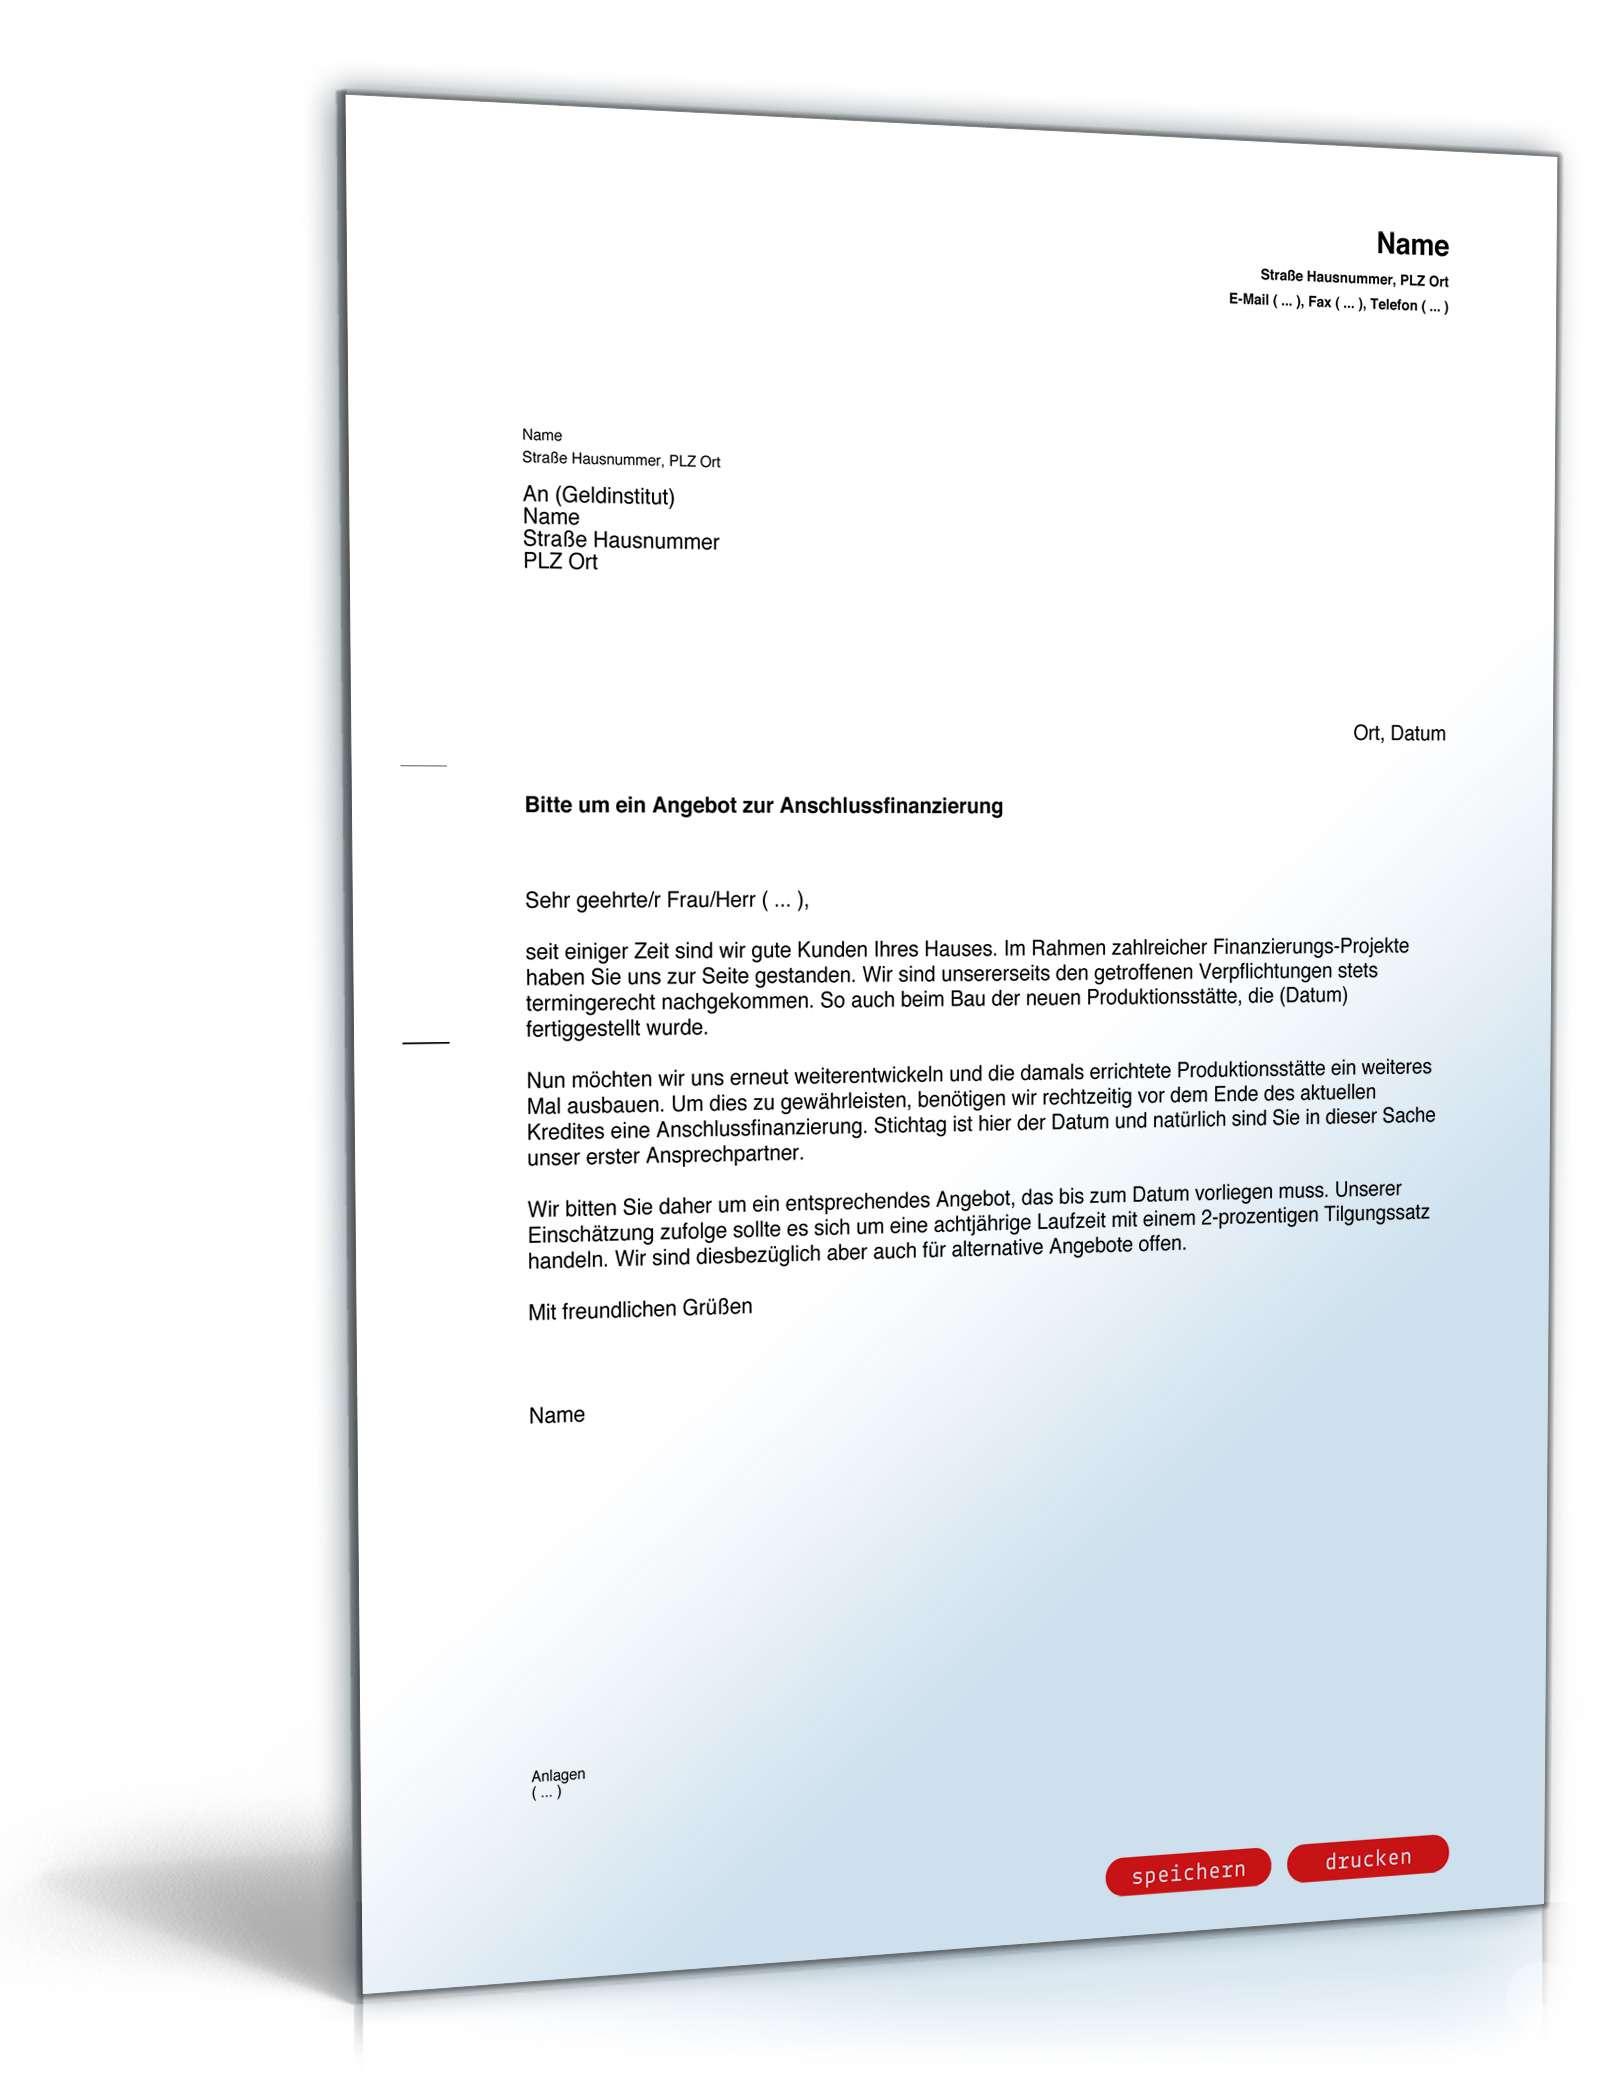 Anfrage Angebot Anschlussfinanzierung Muster Zum Download